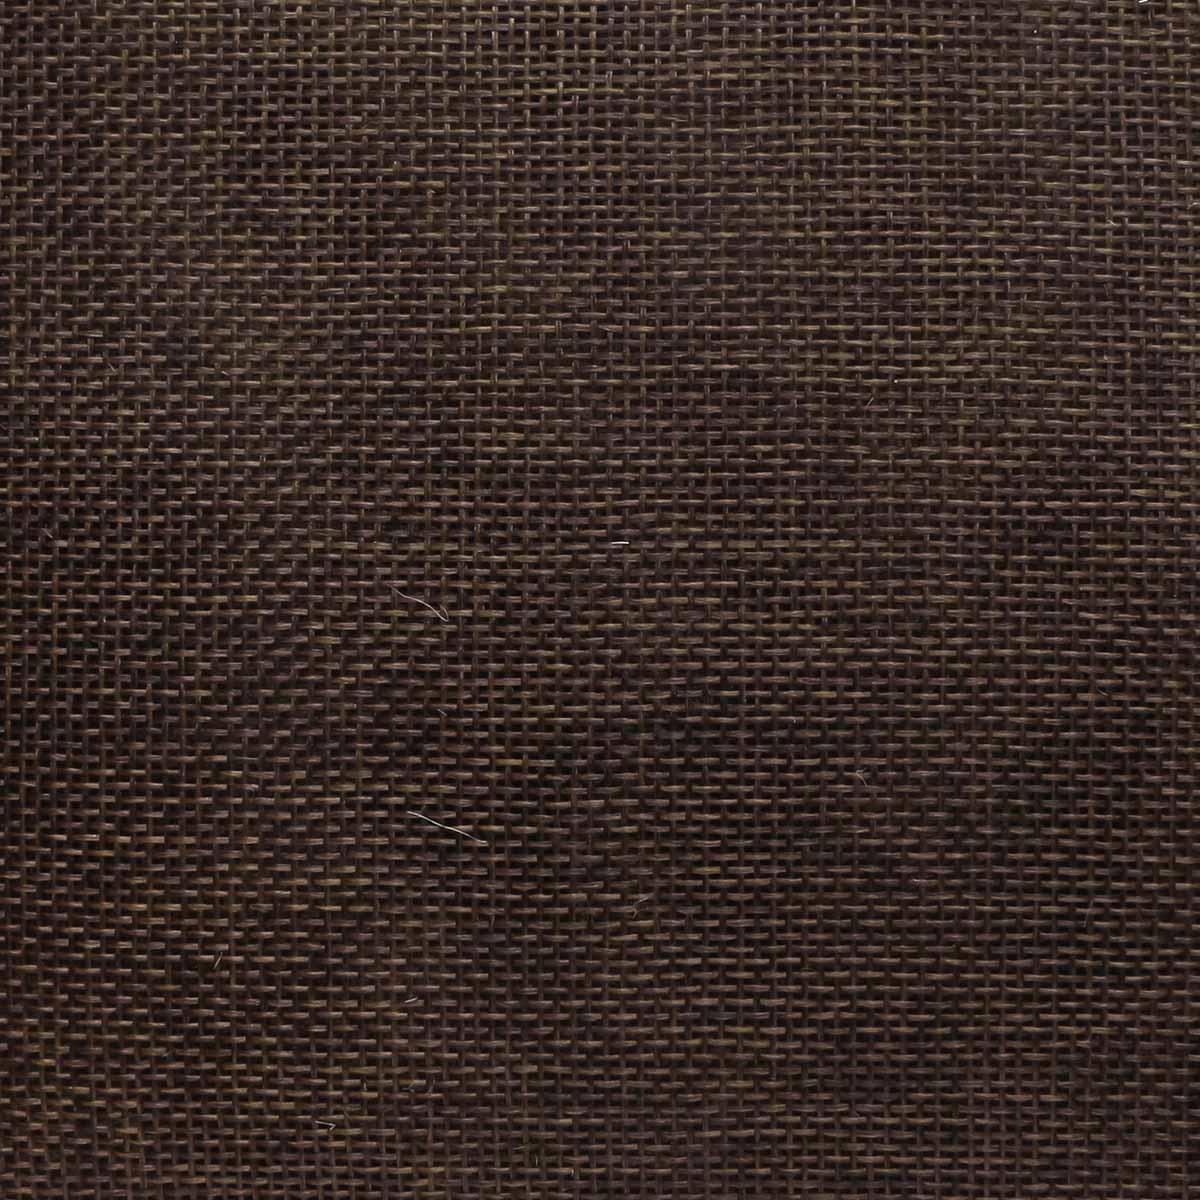 2AR111 Рогожка 100% полиэстер 48*50см (коричневый)